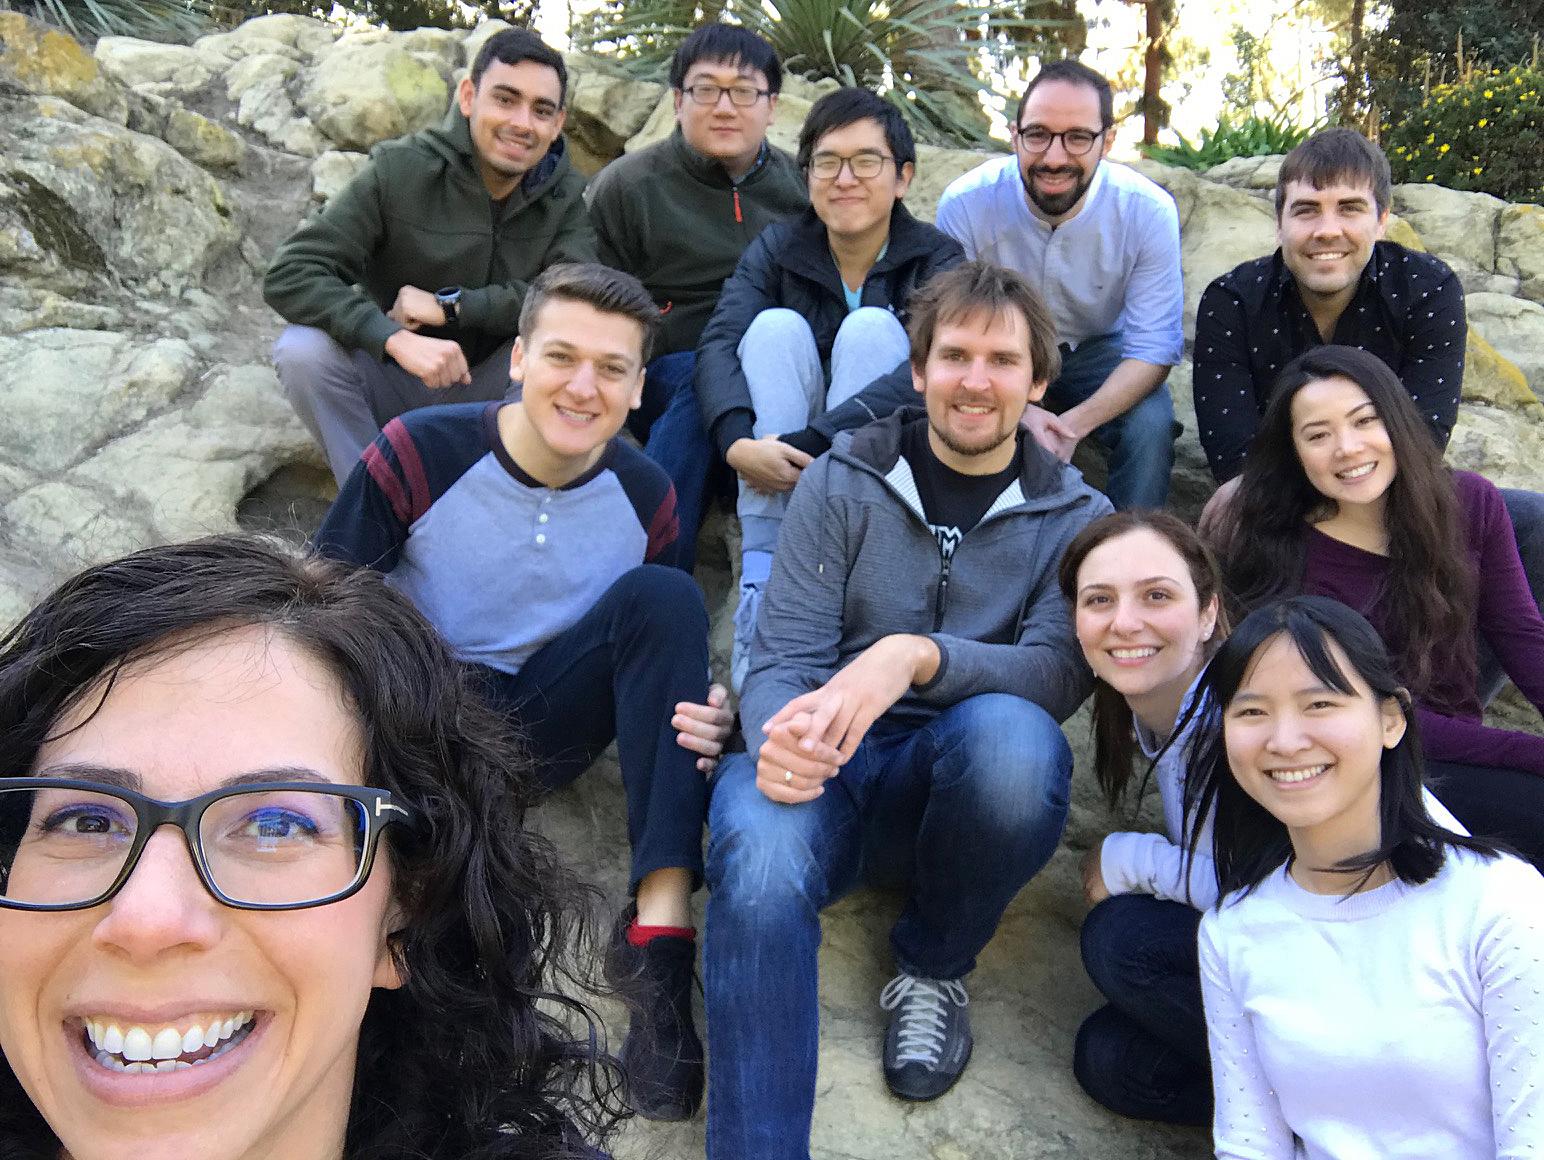 Group Selfie 2-26-18.jpg